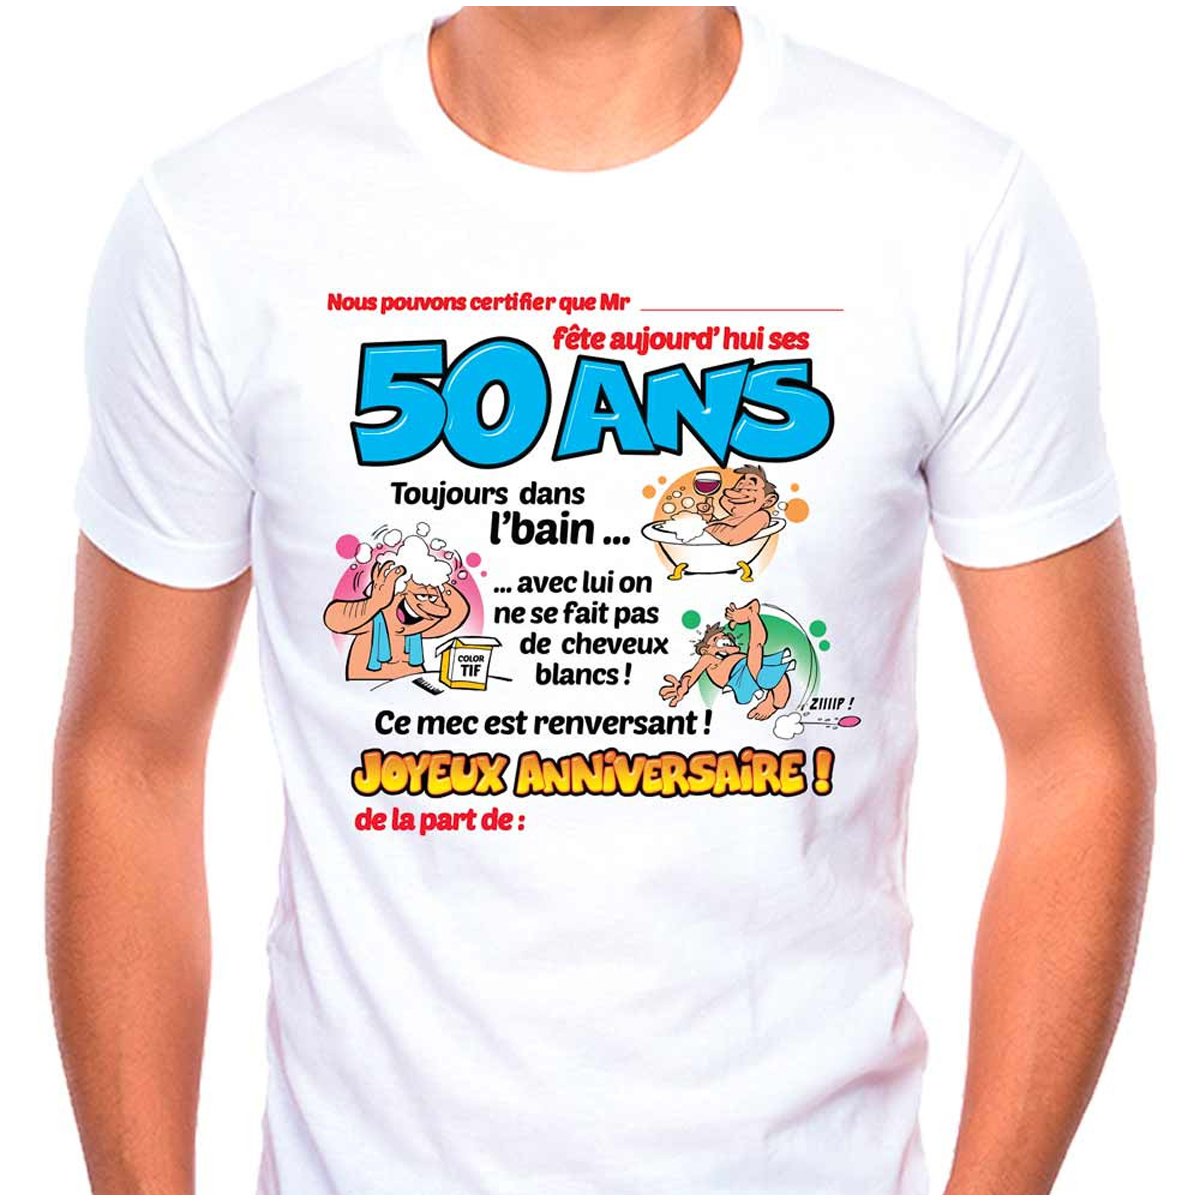 T-shirt coton \'50 ans\' bleu blanc - homme (dédicace) - [Q9503]